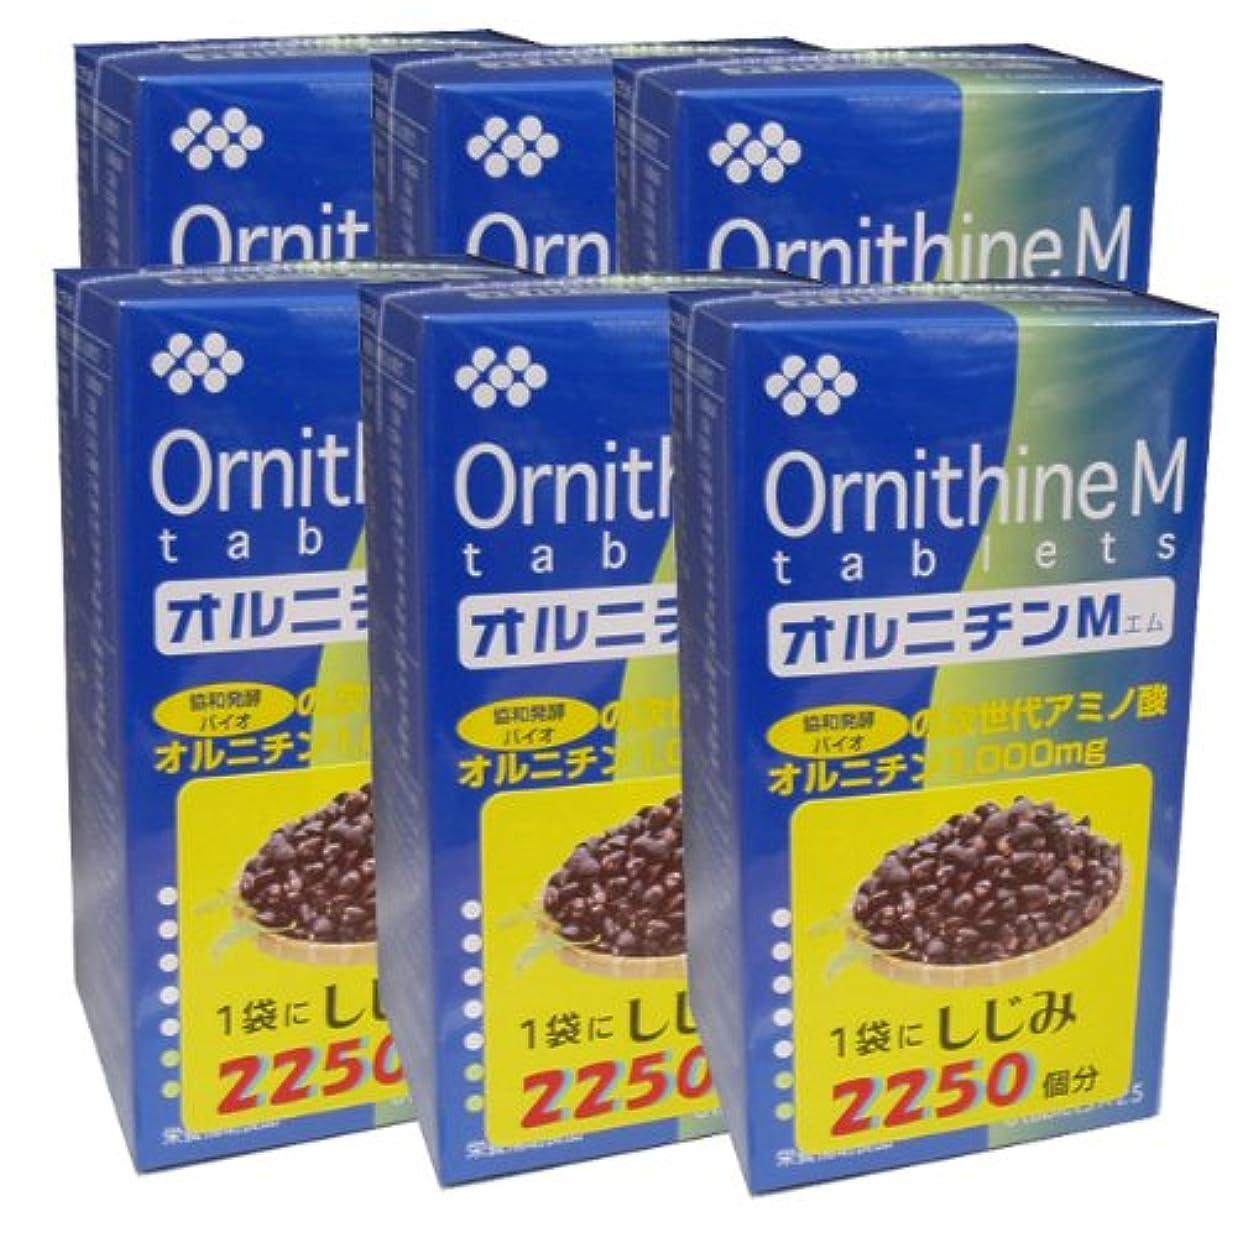 レモン魅力的思慮のない協和発酵オルニチンM (6粒×25袋)×6個セット 4987097808114